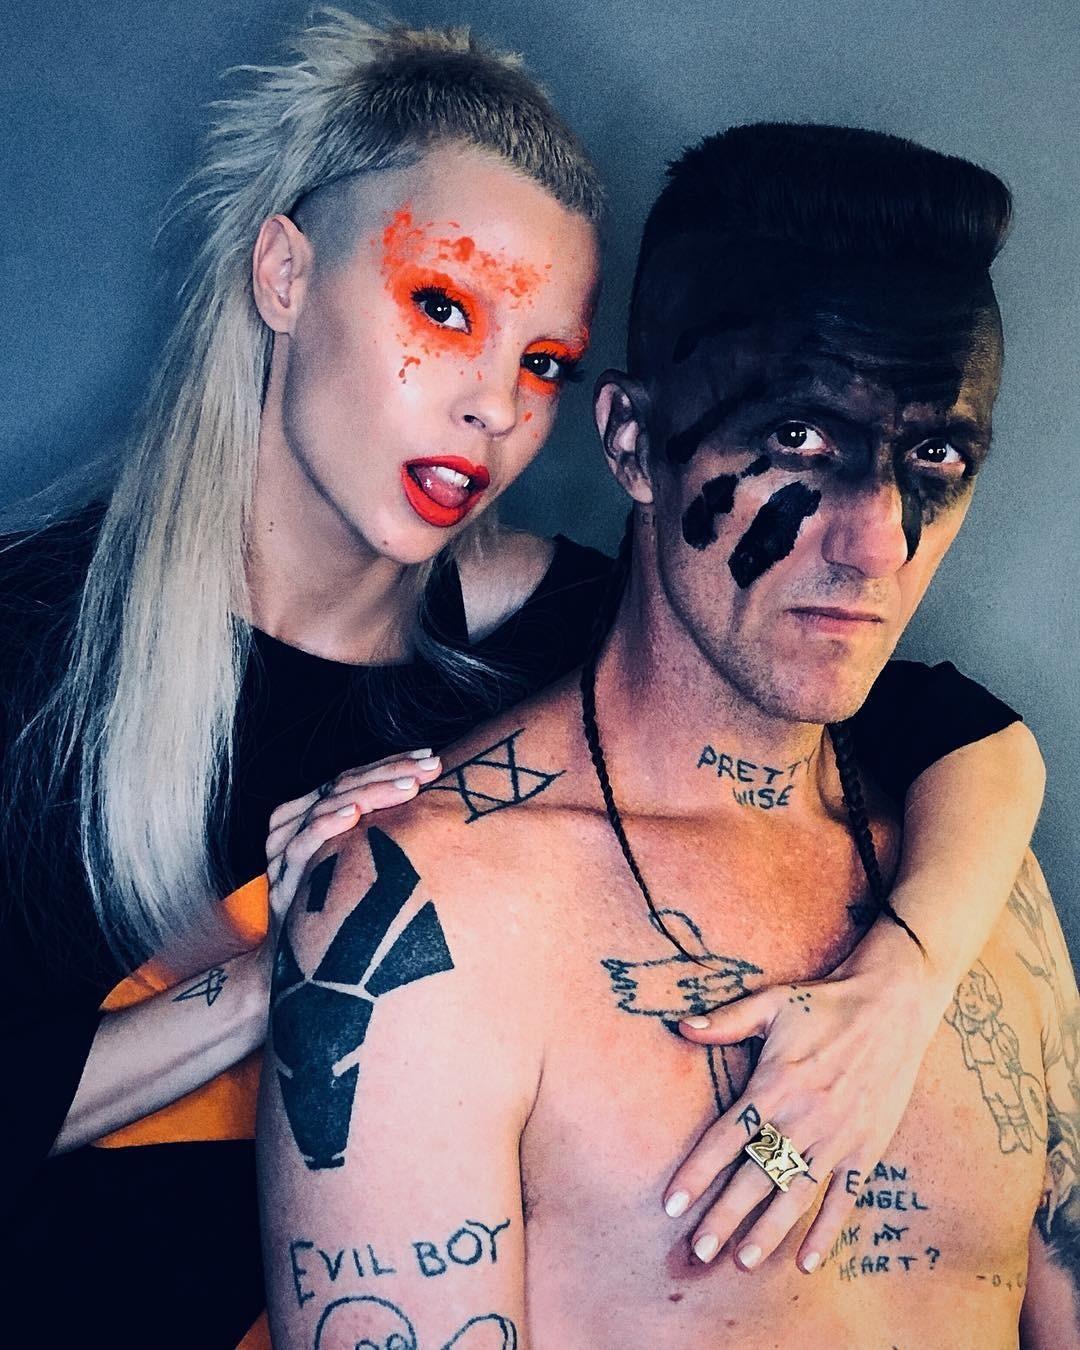 Die Antwoord выйдут насцену вПарке Горького 14июля, передает РИА «Новости» соссылкой наорганизаторов фестиваля.